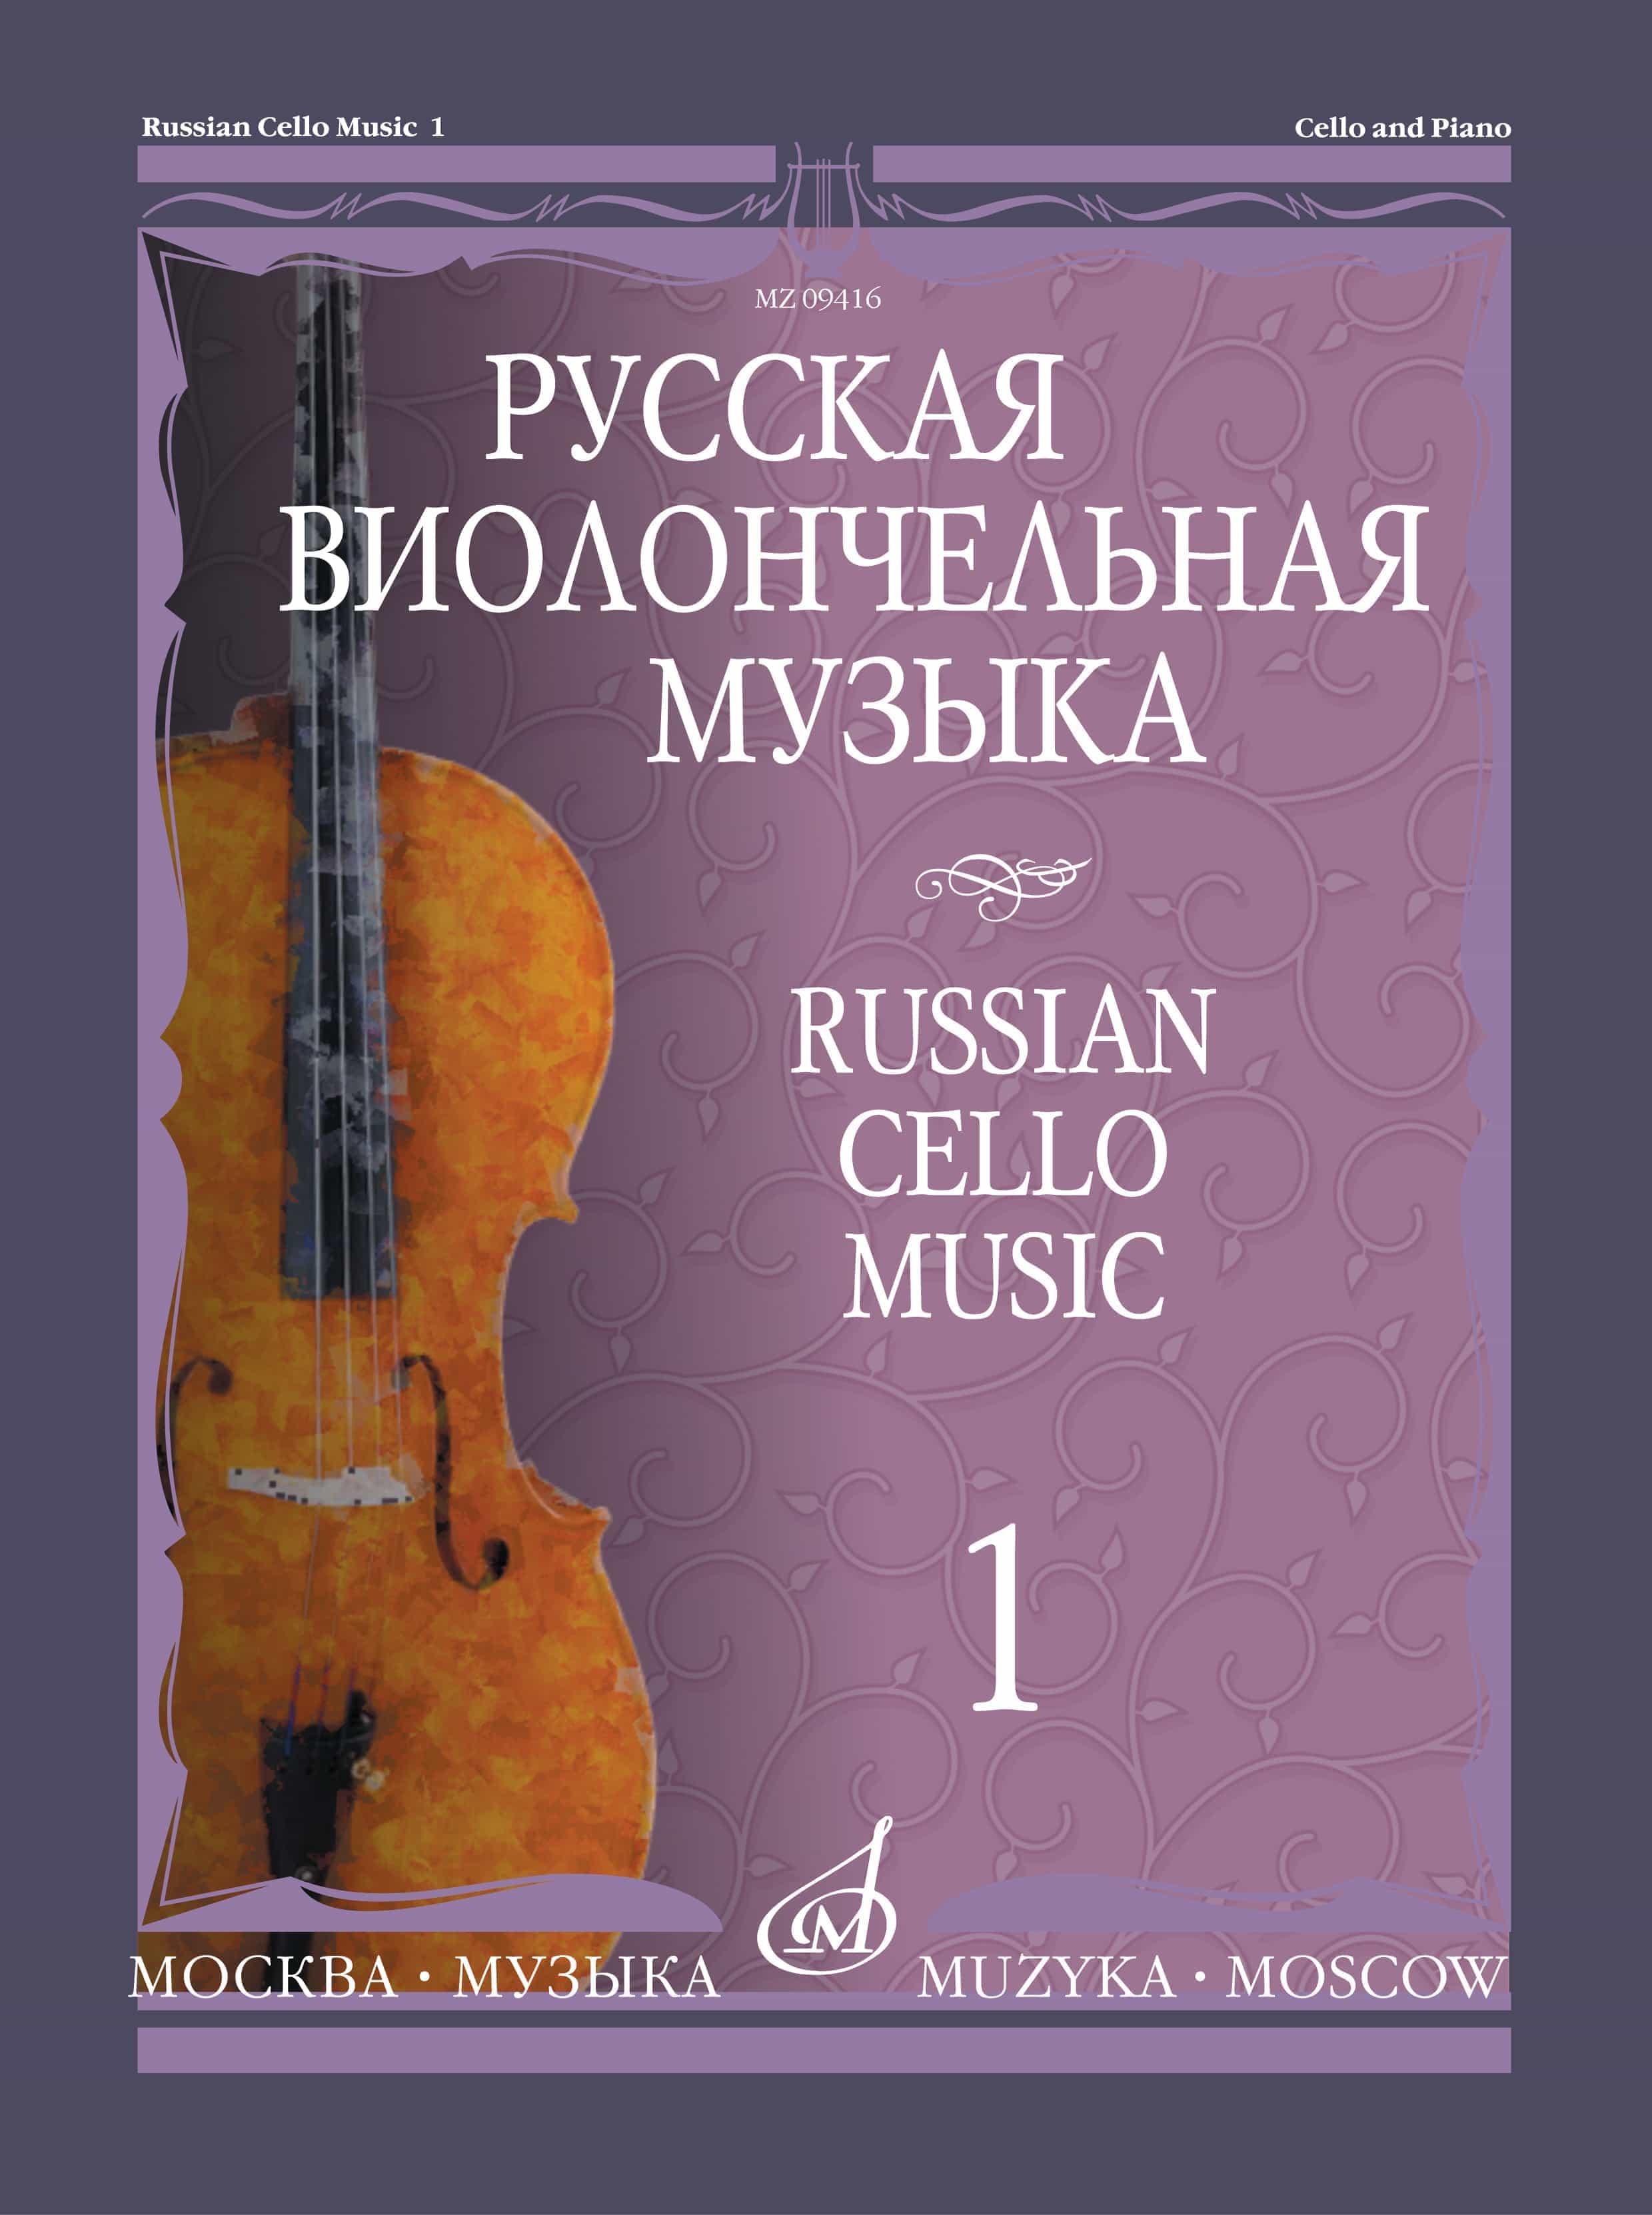 Антология «Русская виолончельная музыка»